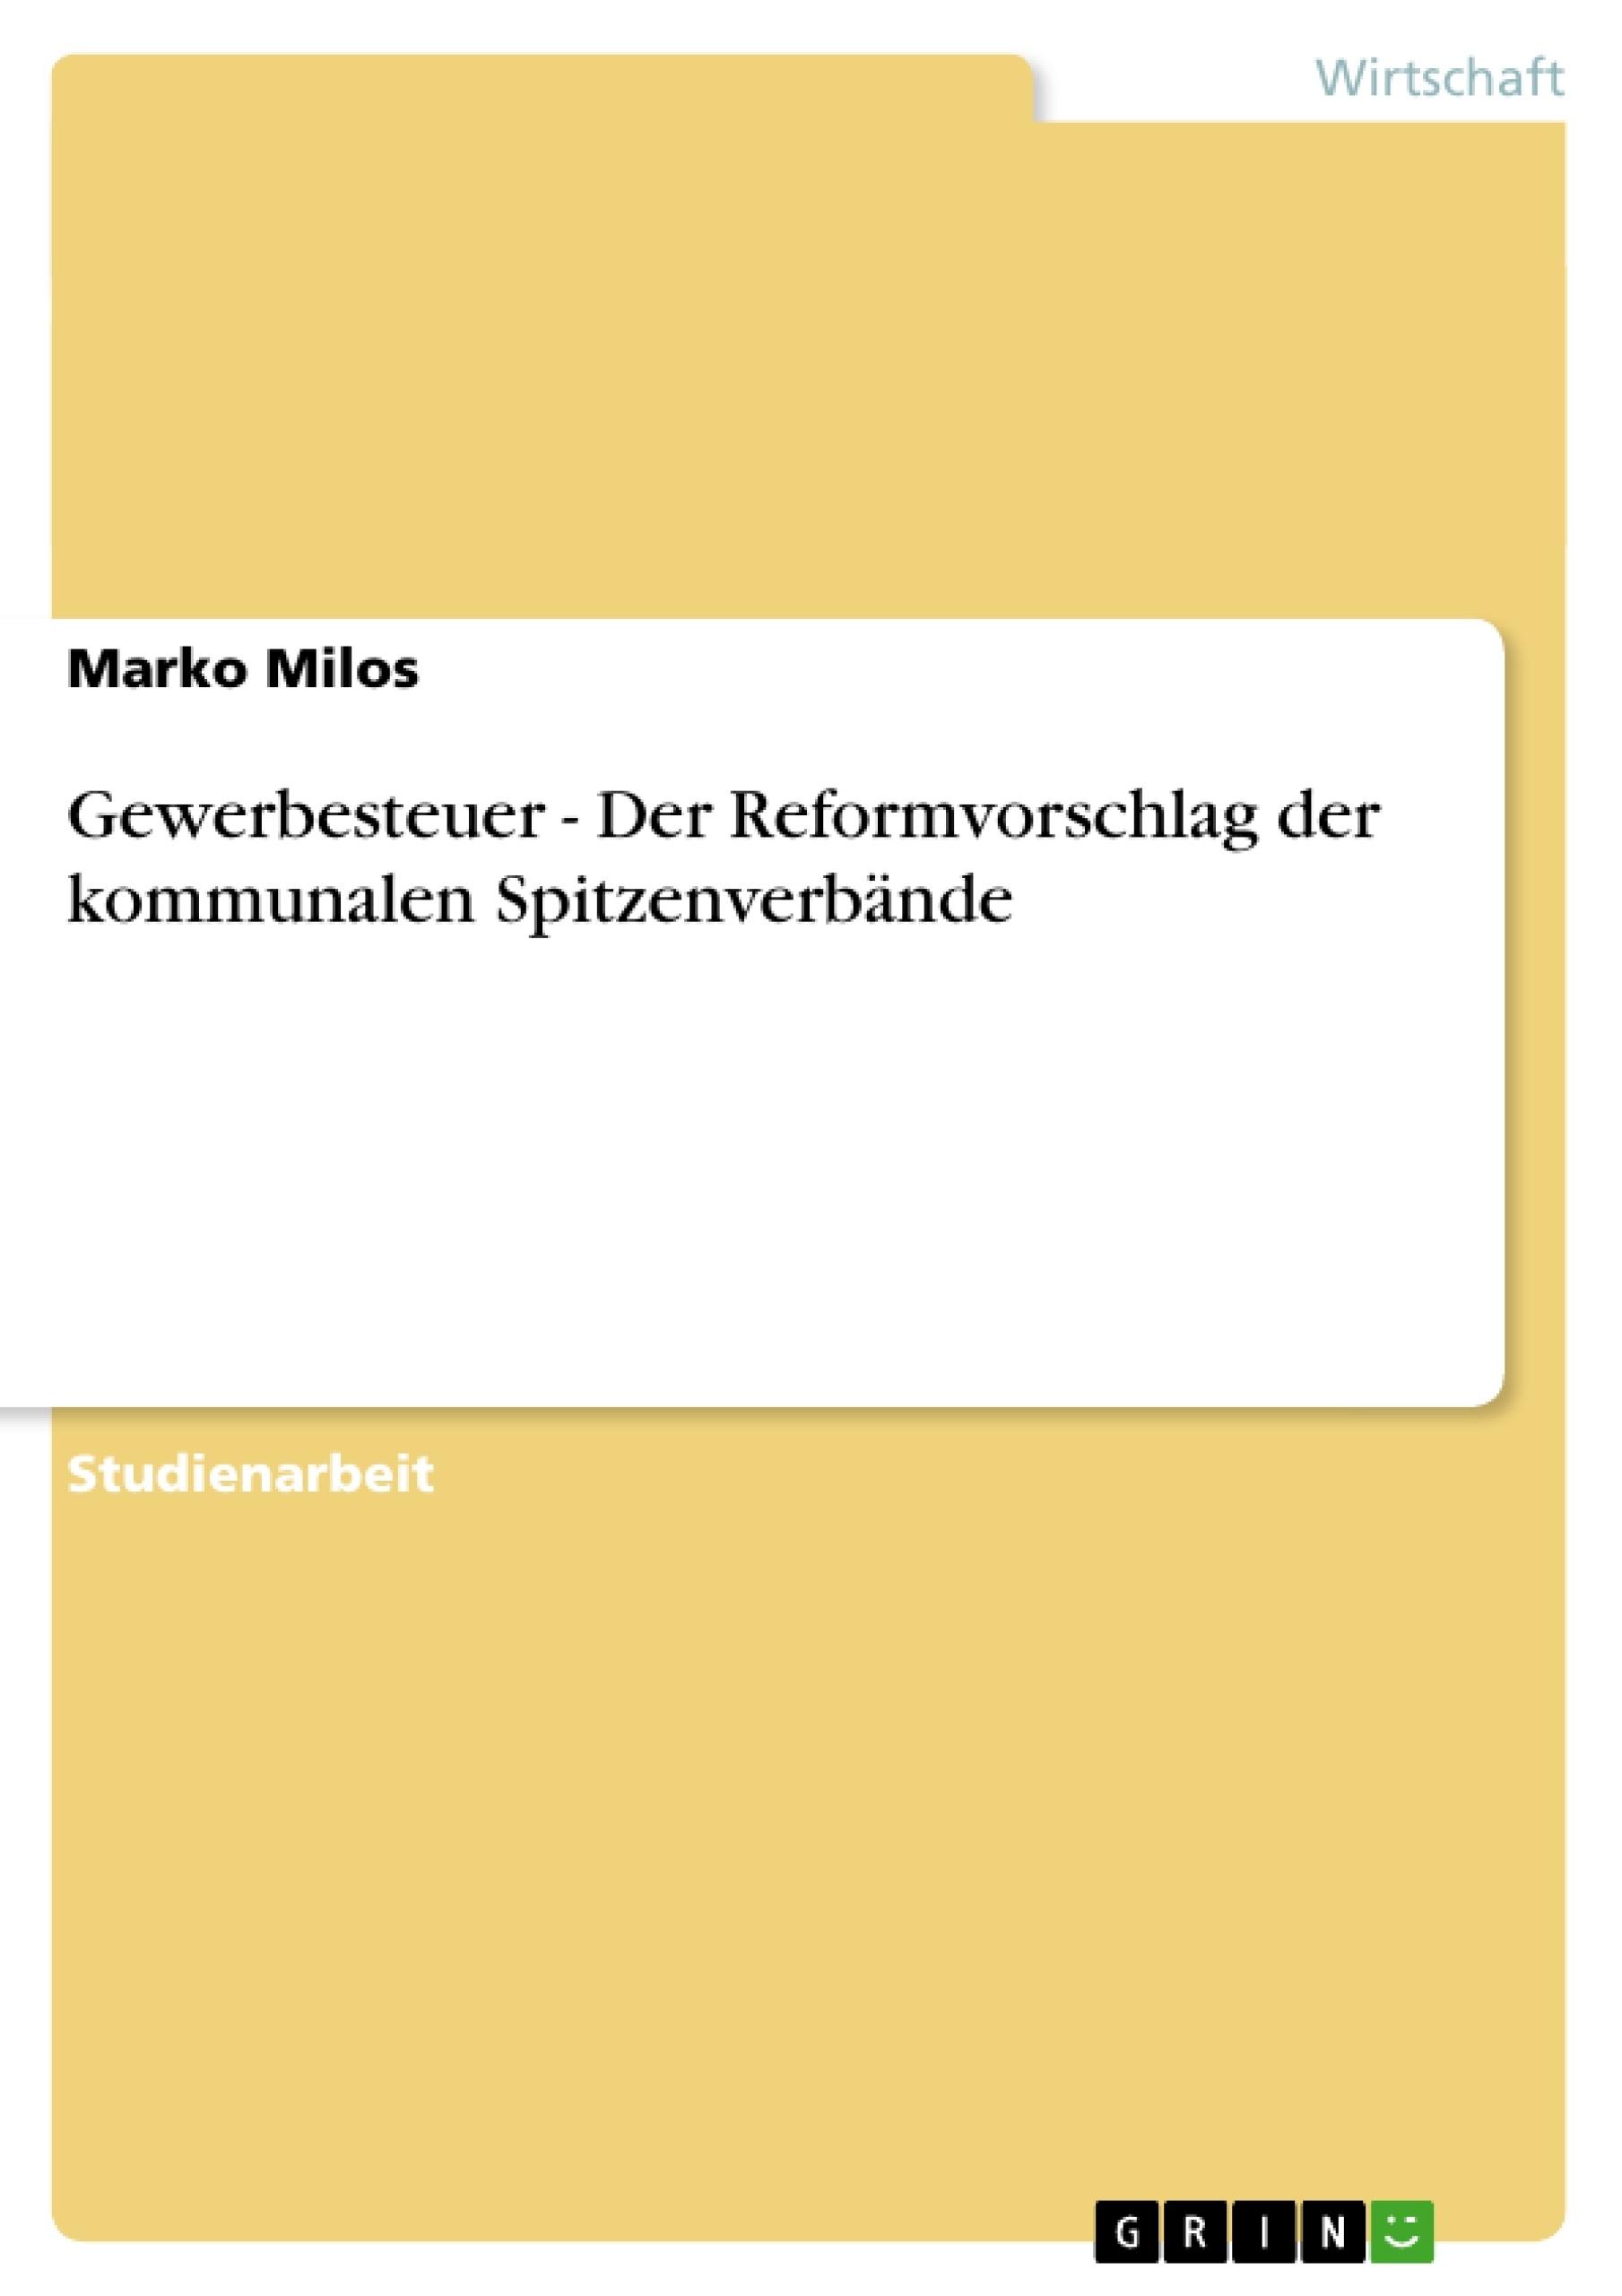 Titel: Gewerbesteuer - Der Reformvorschlag der kommunalen Spitzenverbände